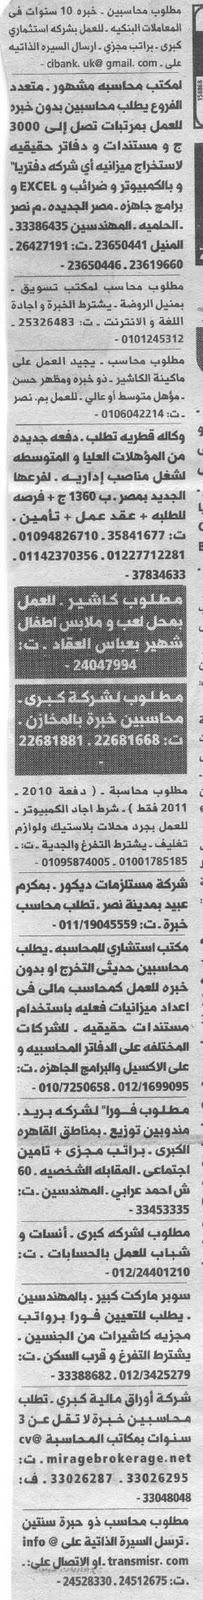 اعلانات وظائف وسيط القاهرة محاسبين